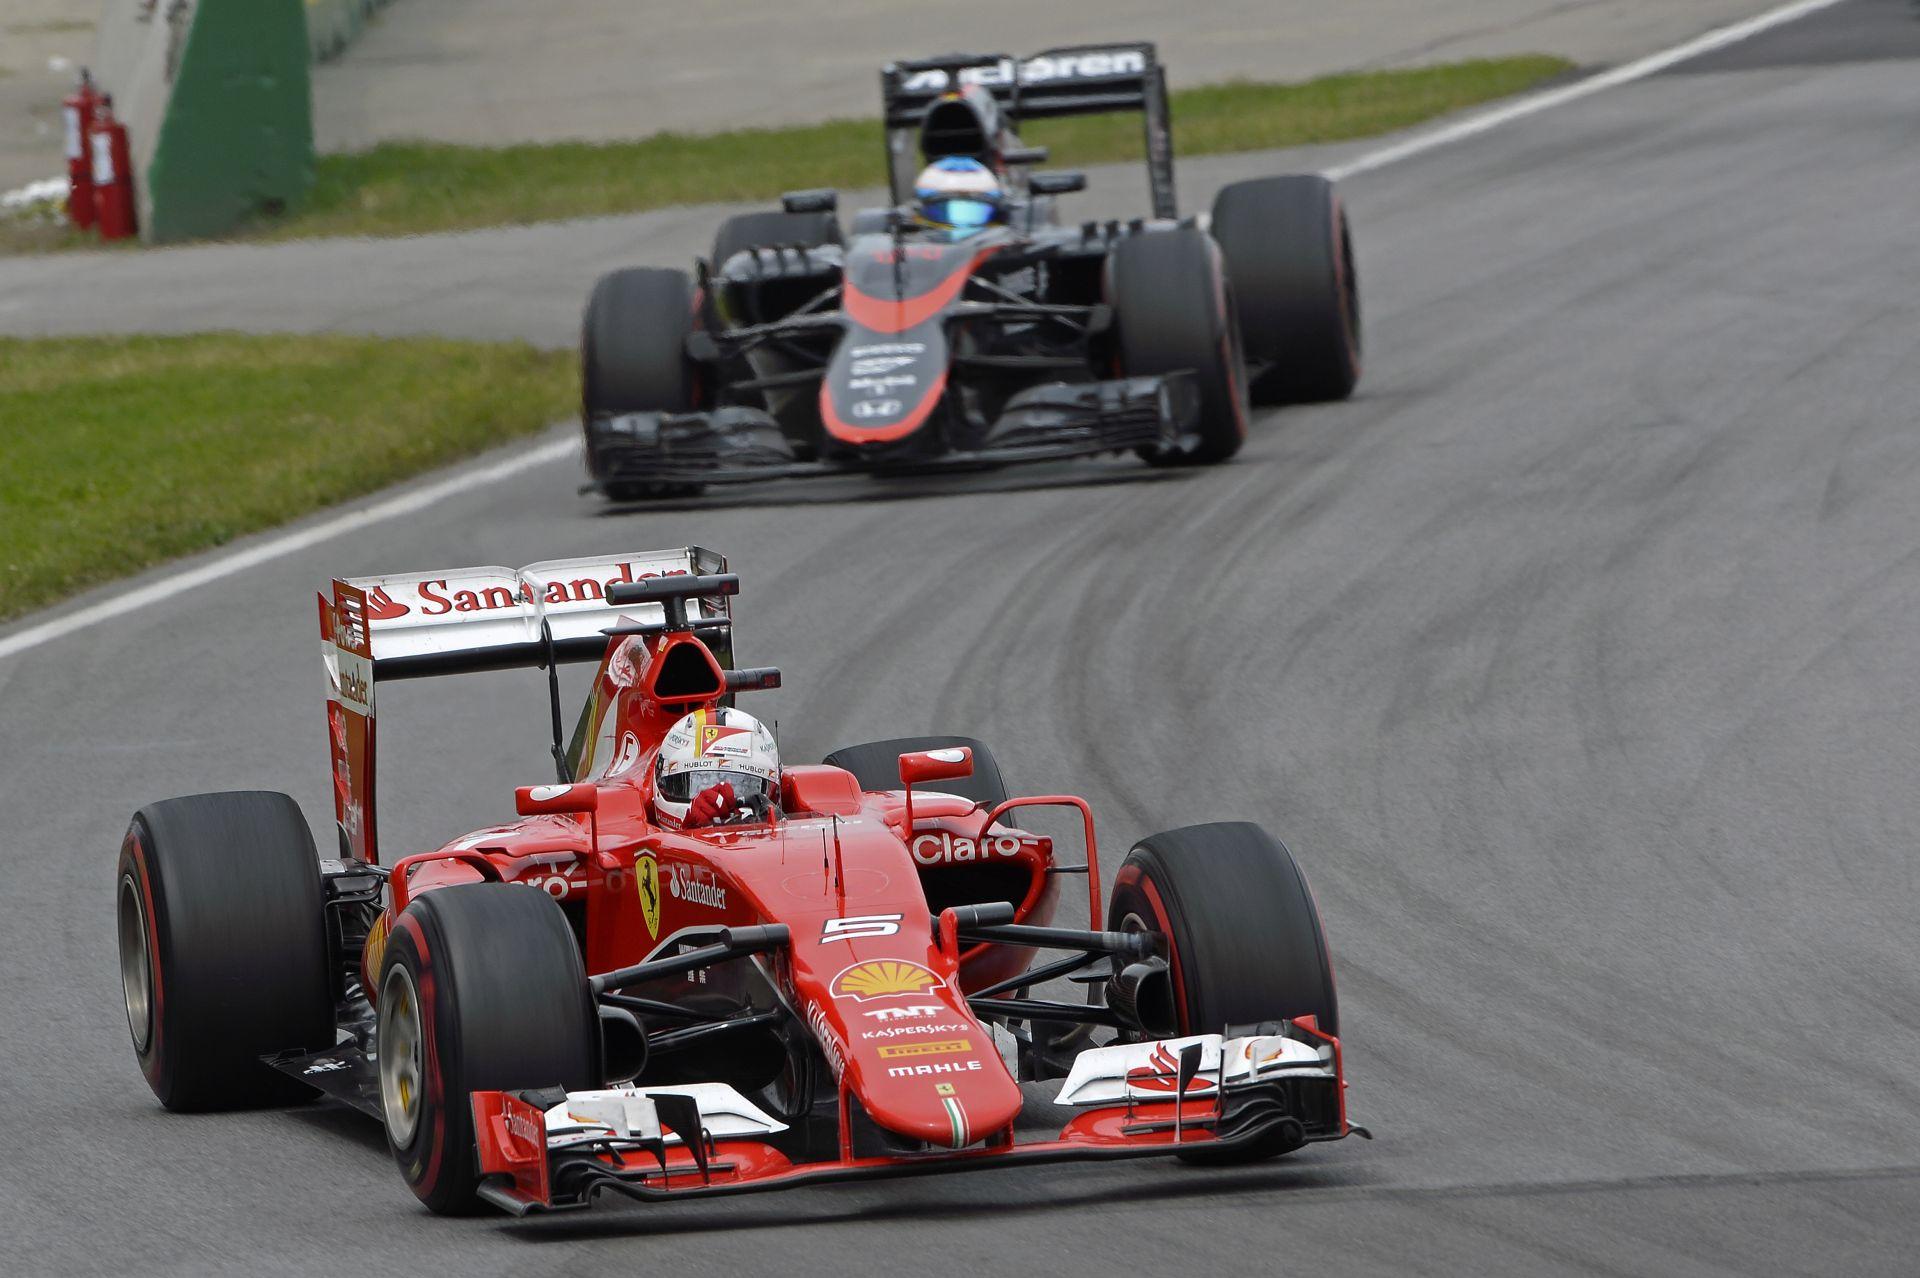 Vettel elismeri: kicsit ravaszabb is lehetett volna Alonso előzésénél